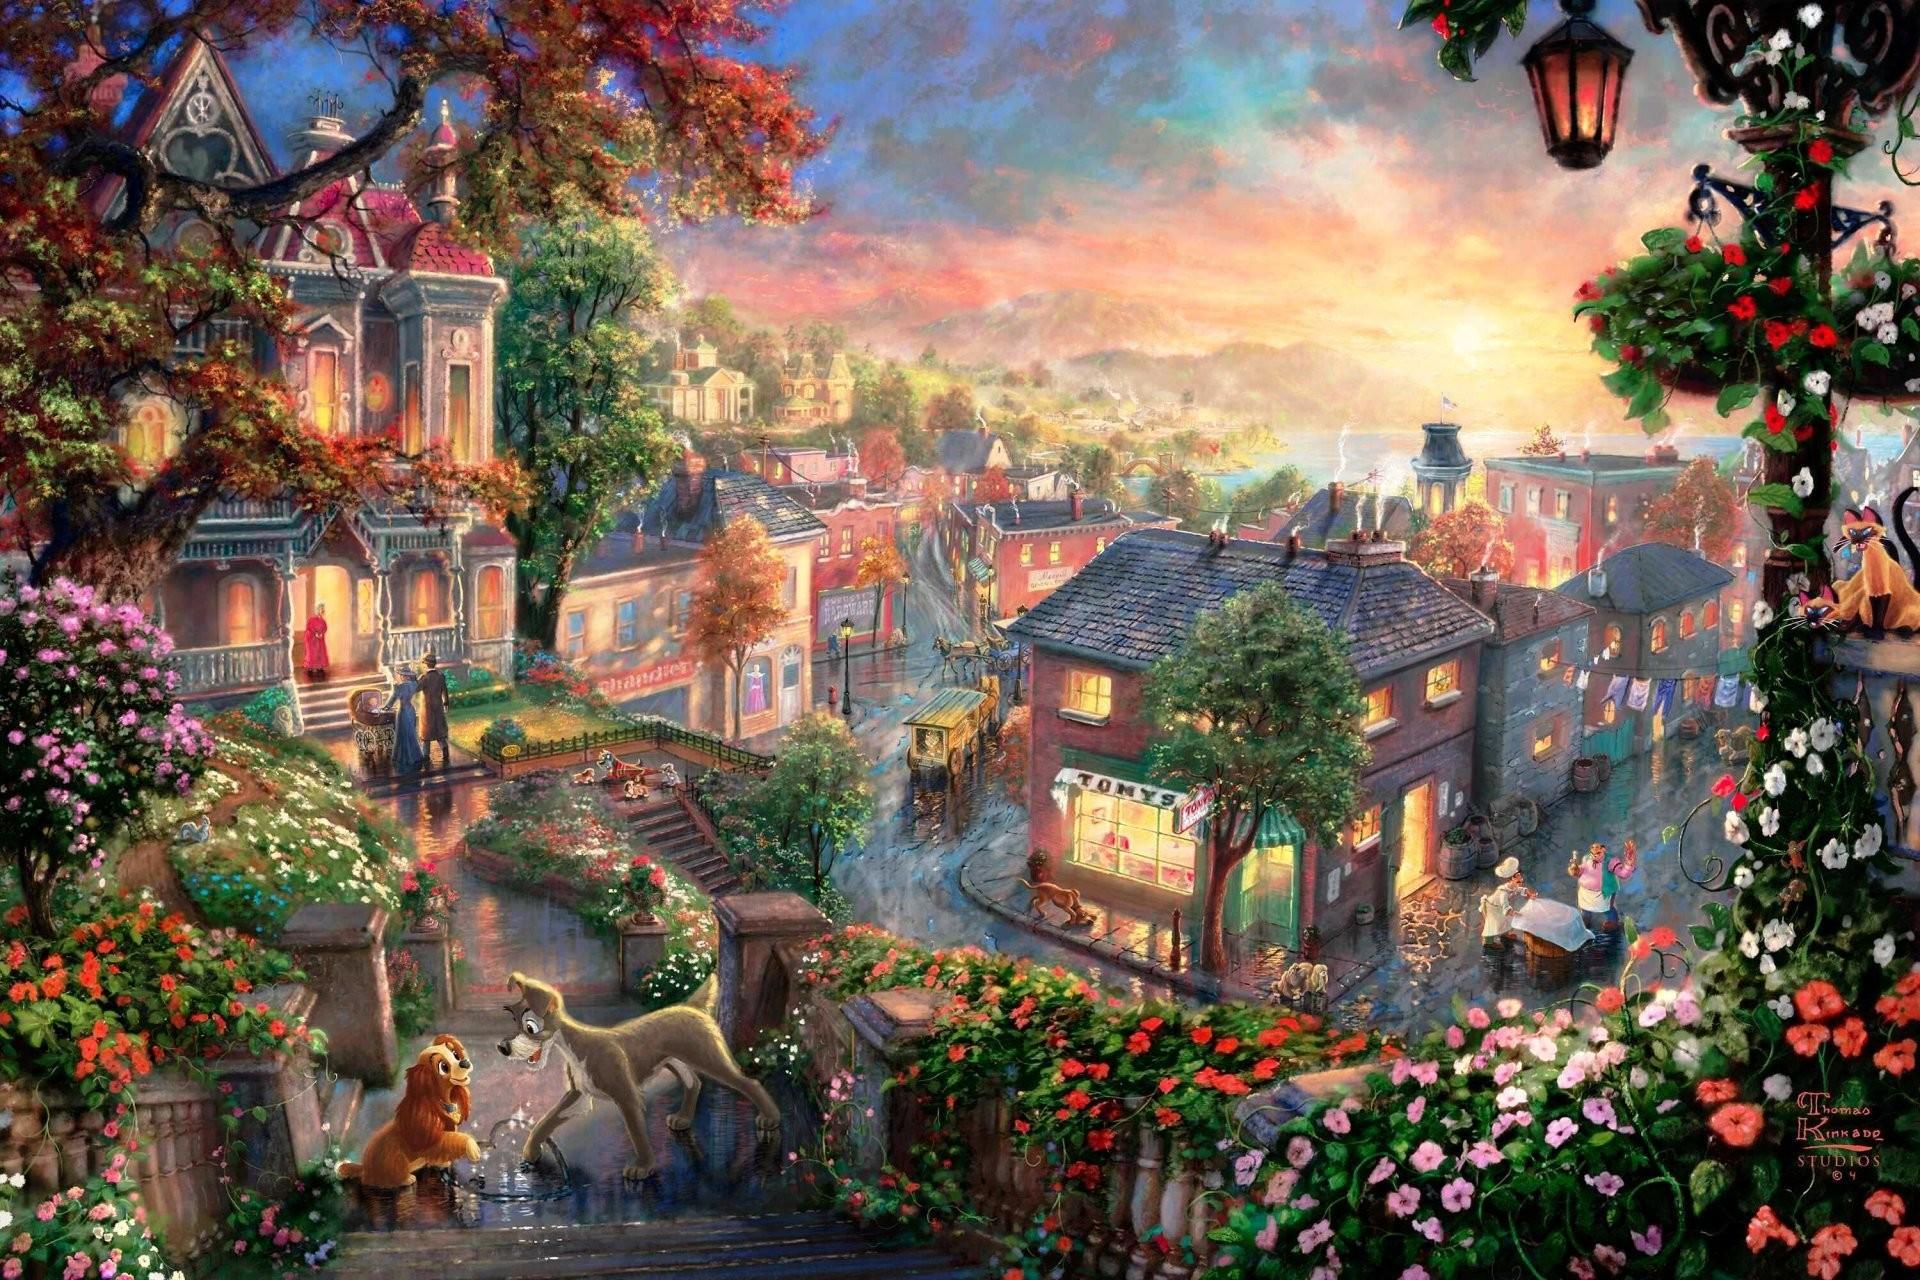 lady and the tramp thomas kinkade thomas kinkade studios walt disney  painting cartoon painting thomas kinkade